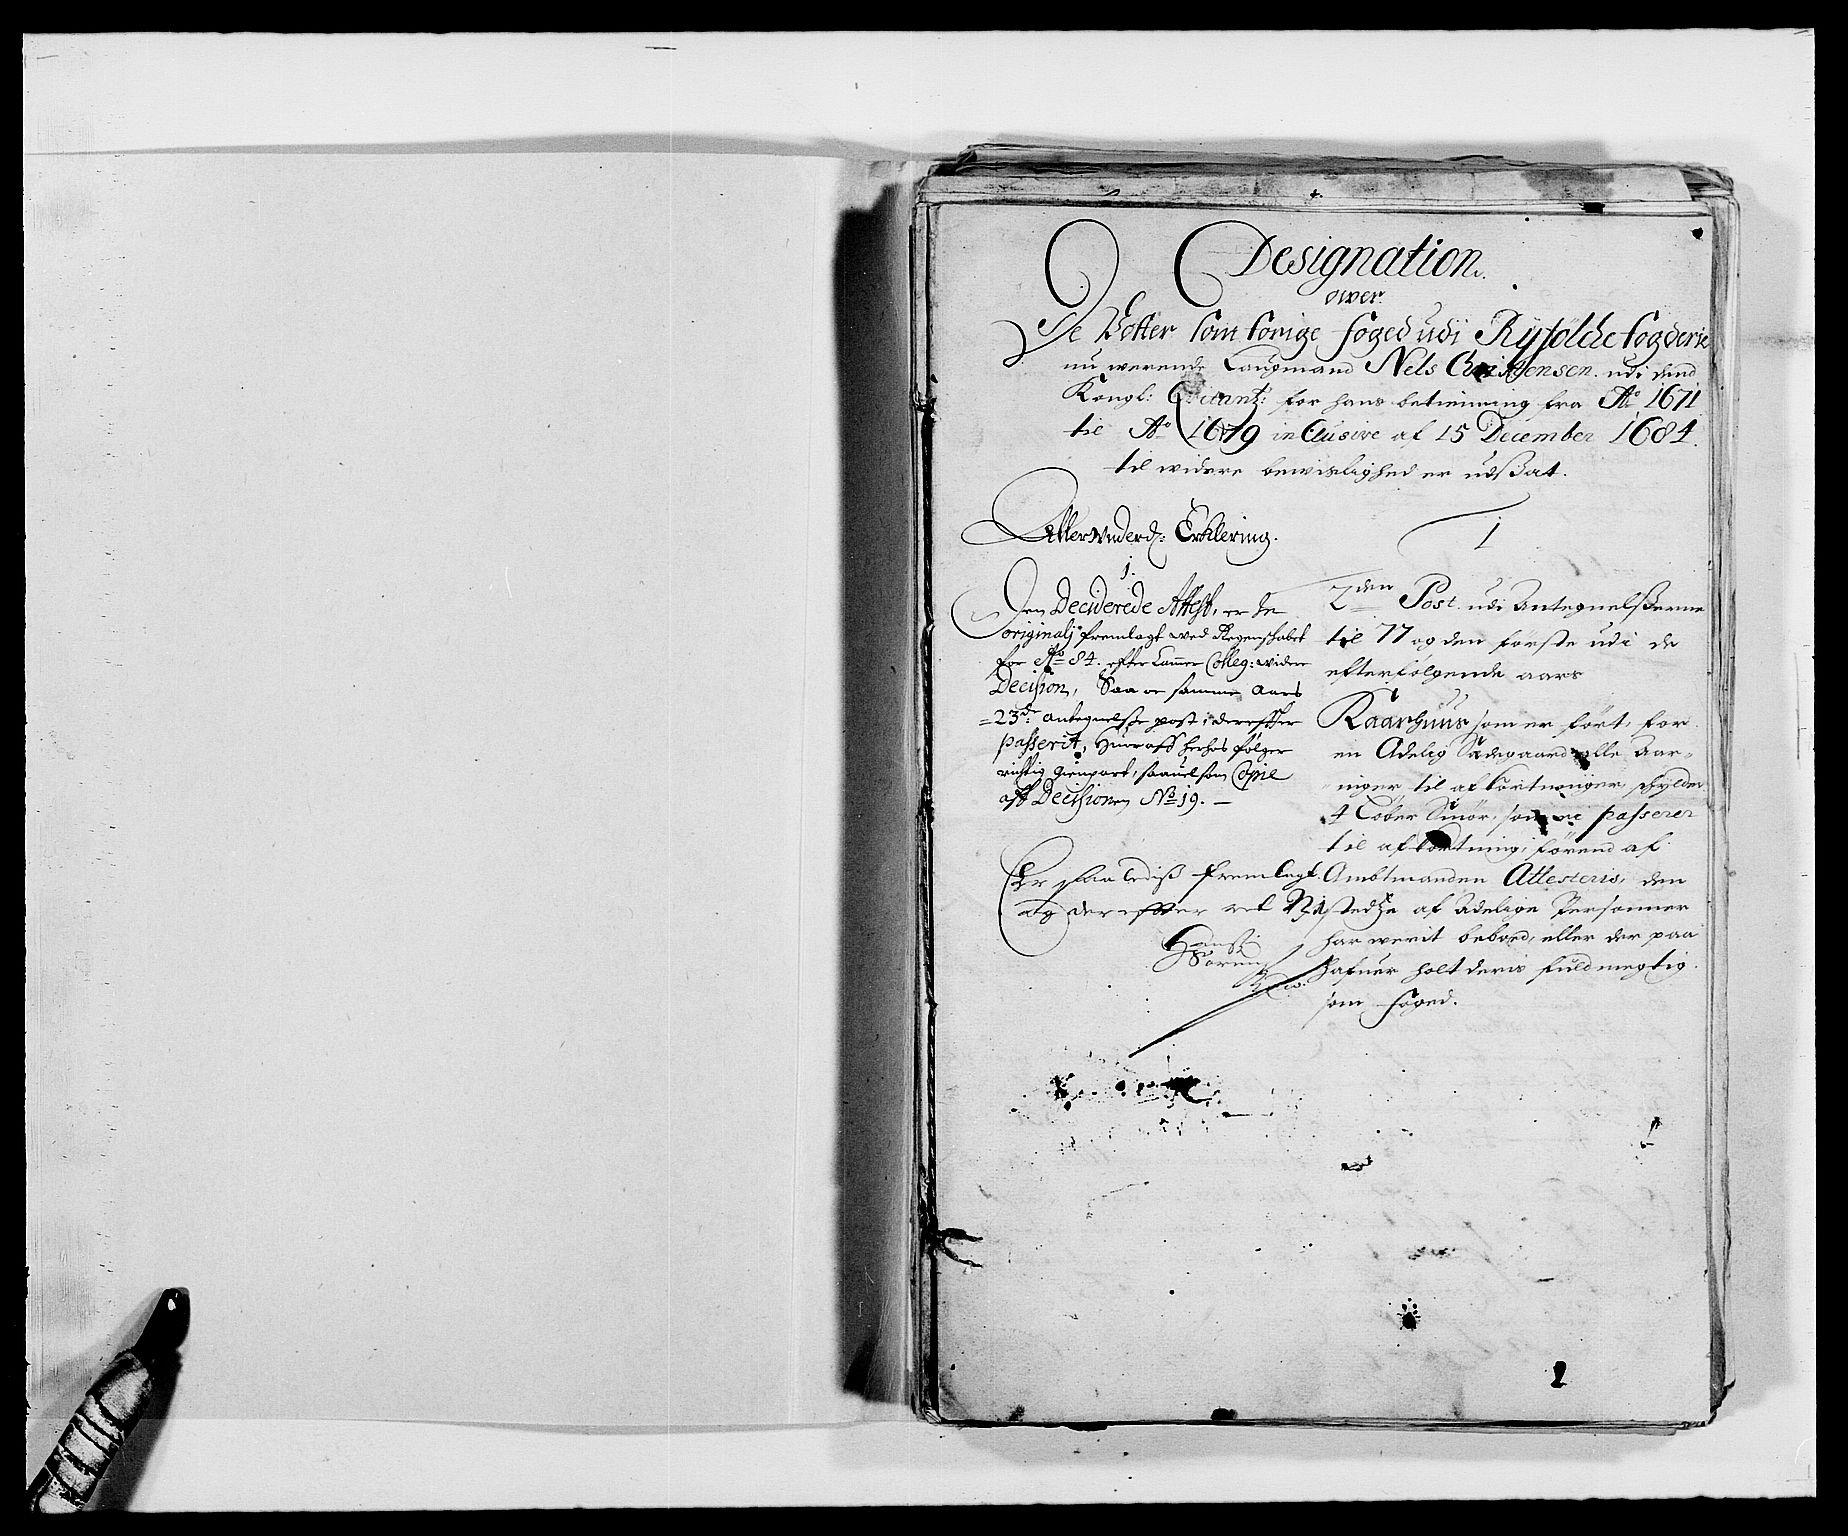 RA, Rentekammeret inntil 1814, Reviderte regnskaper, Fogderegnskap, R47/L2849: Fogderegnskap Ryfylke, 1679, s. 257